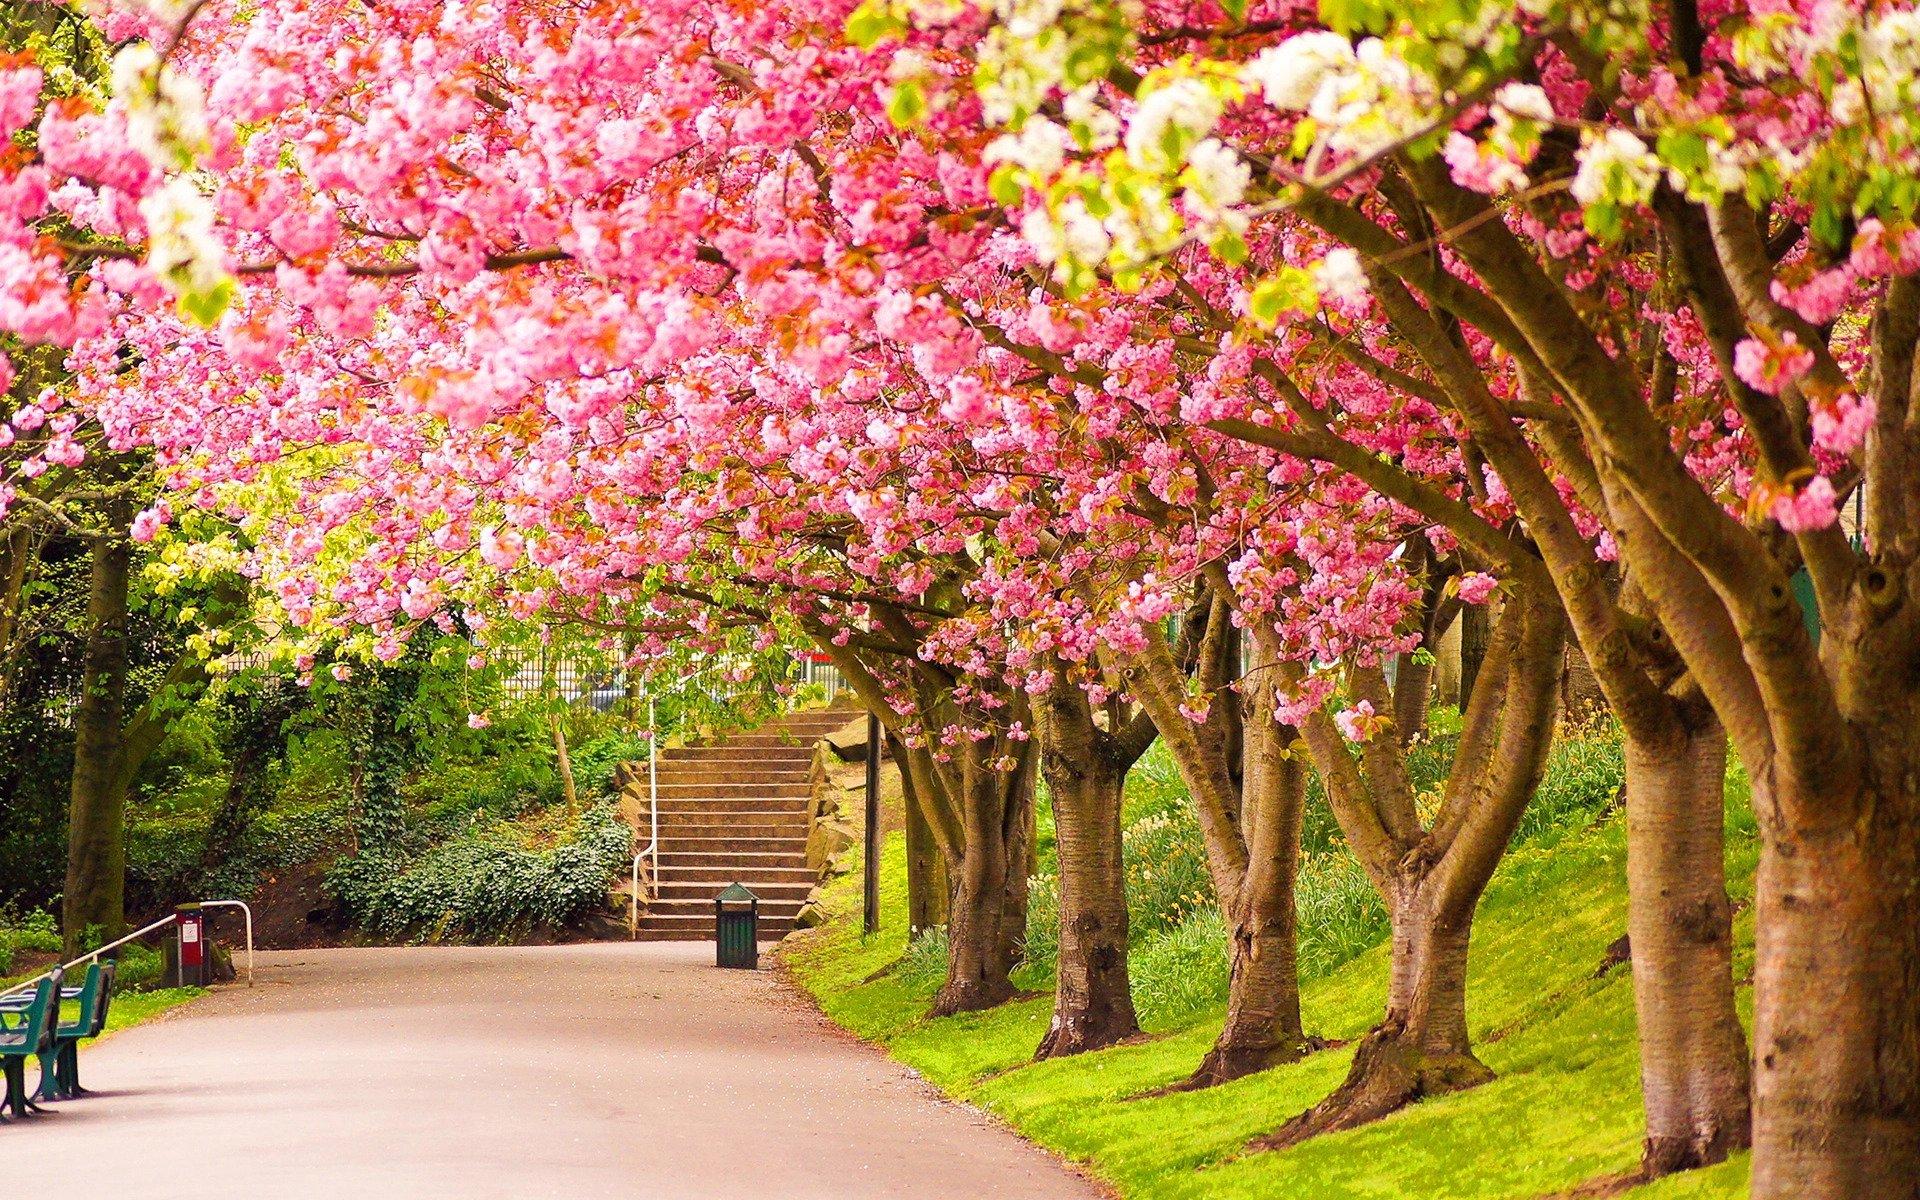 İlkbaharda Yapılacak En Güzel Aktiviteler